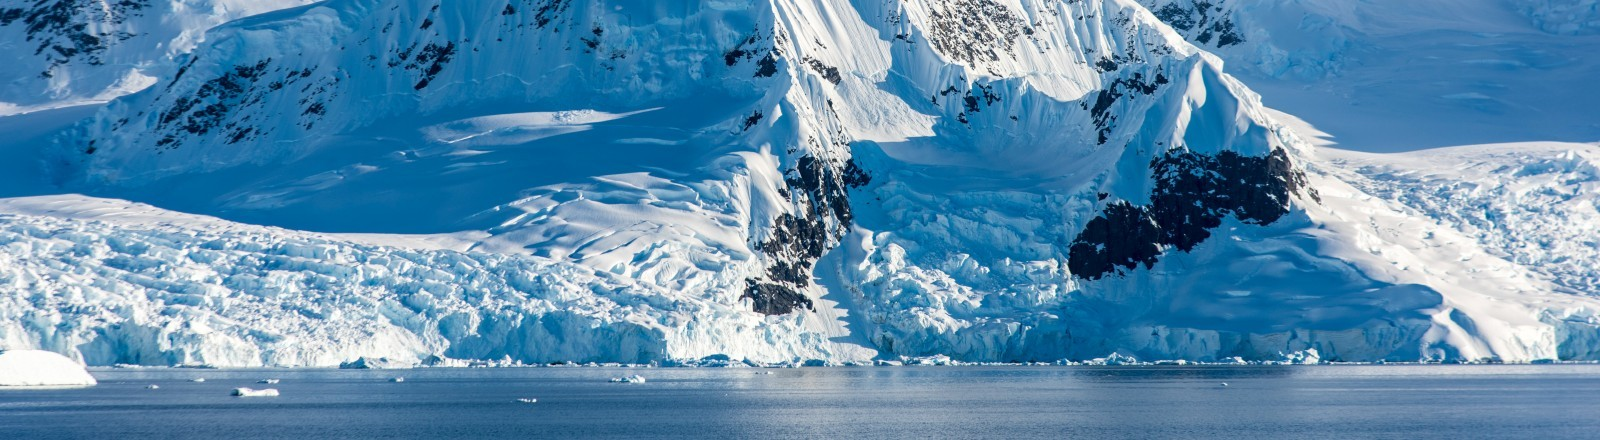 Ein Bild der Antarktis